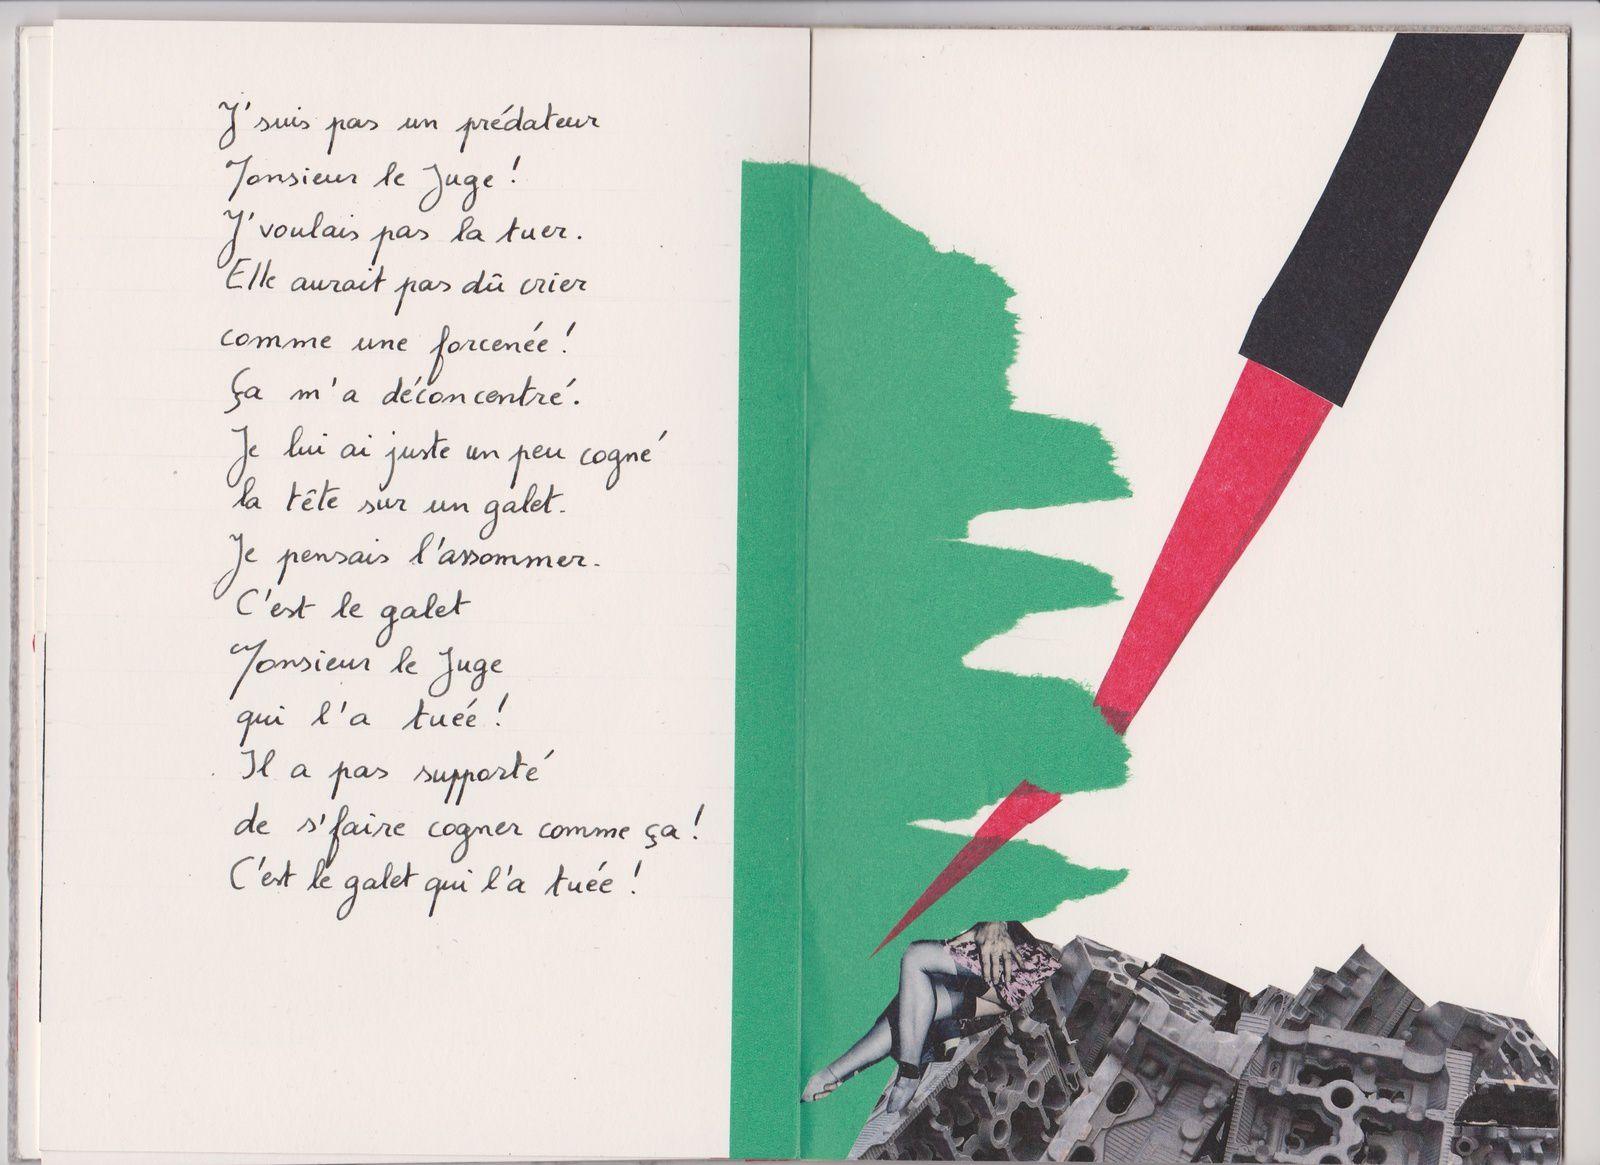 """Extrait d'un livre unique de Alain Helissen intitulé """" Proies"""" - Textes et collages de sa composition. © Alain Helissen- DR"""